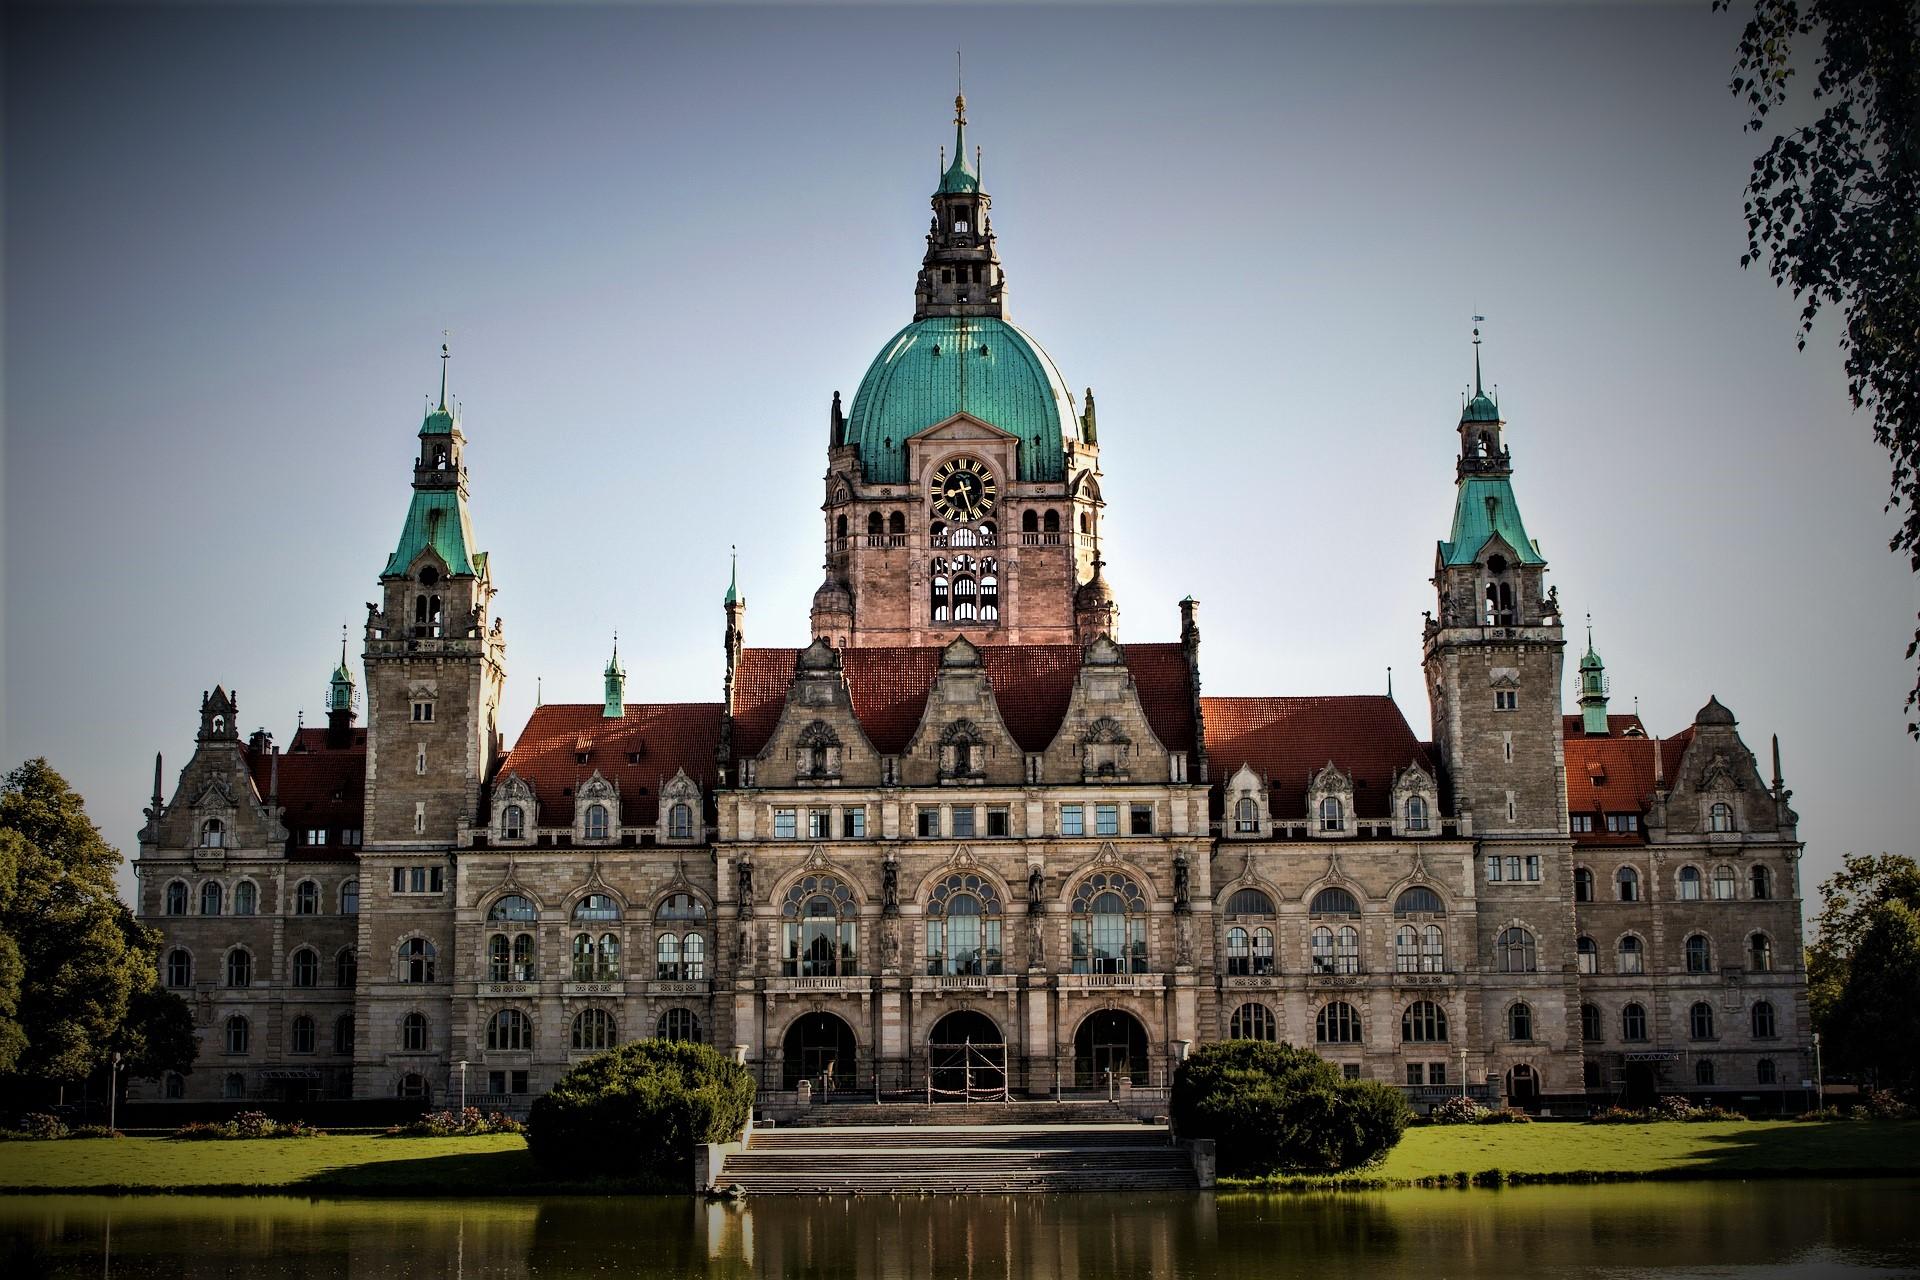 Überlassen Sie die Umzugsplanung den Profis! Von Hannover bis Mannheim leicht umziehen Photo